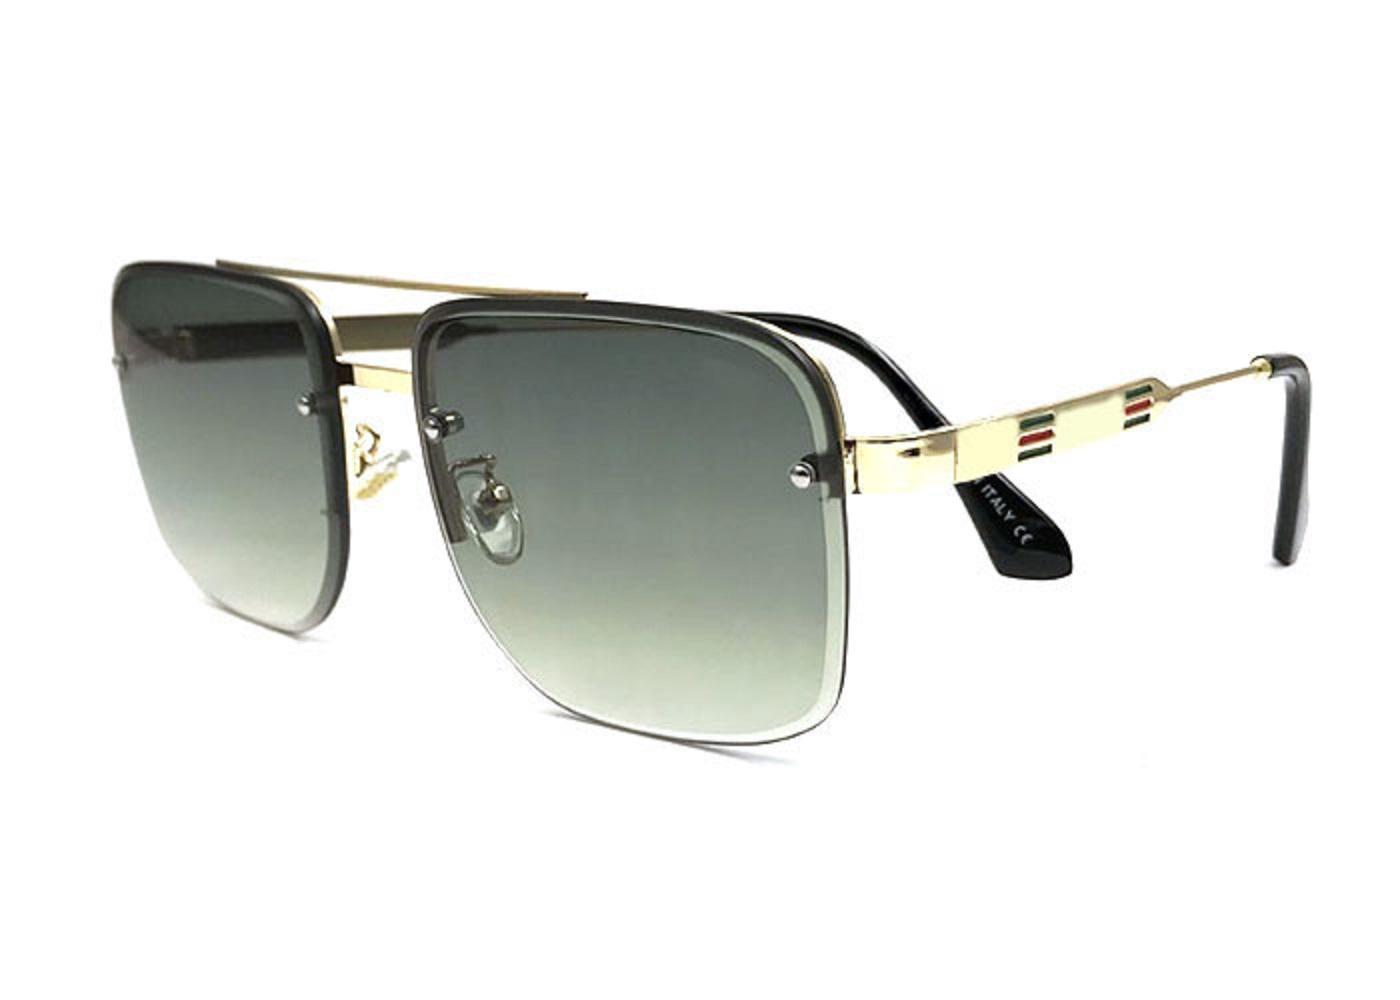 2021 الصيف نمط الرجال النساء النظارات الشمسية فريد ساحة درع uv400 خمر النظارات إطارات إيطاليا تصميم تأتي مع مربع